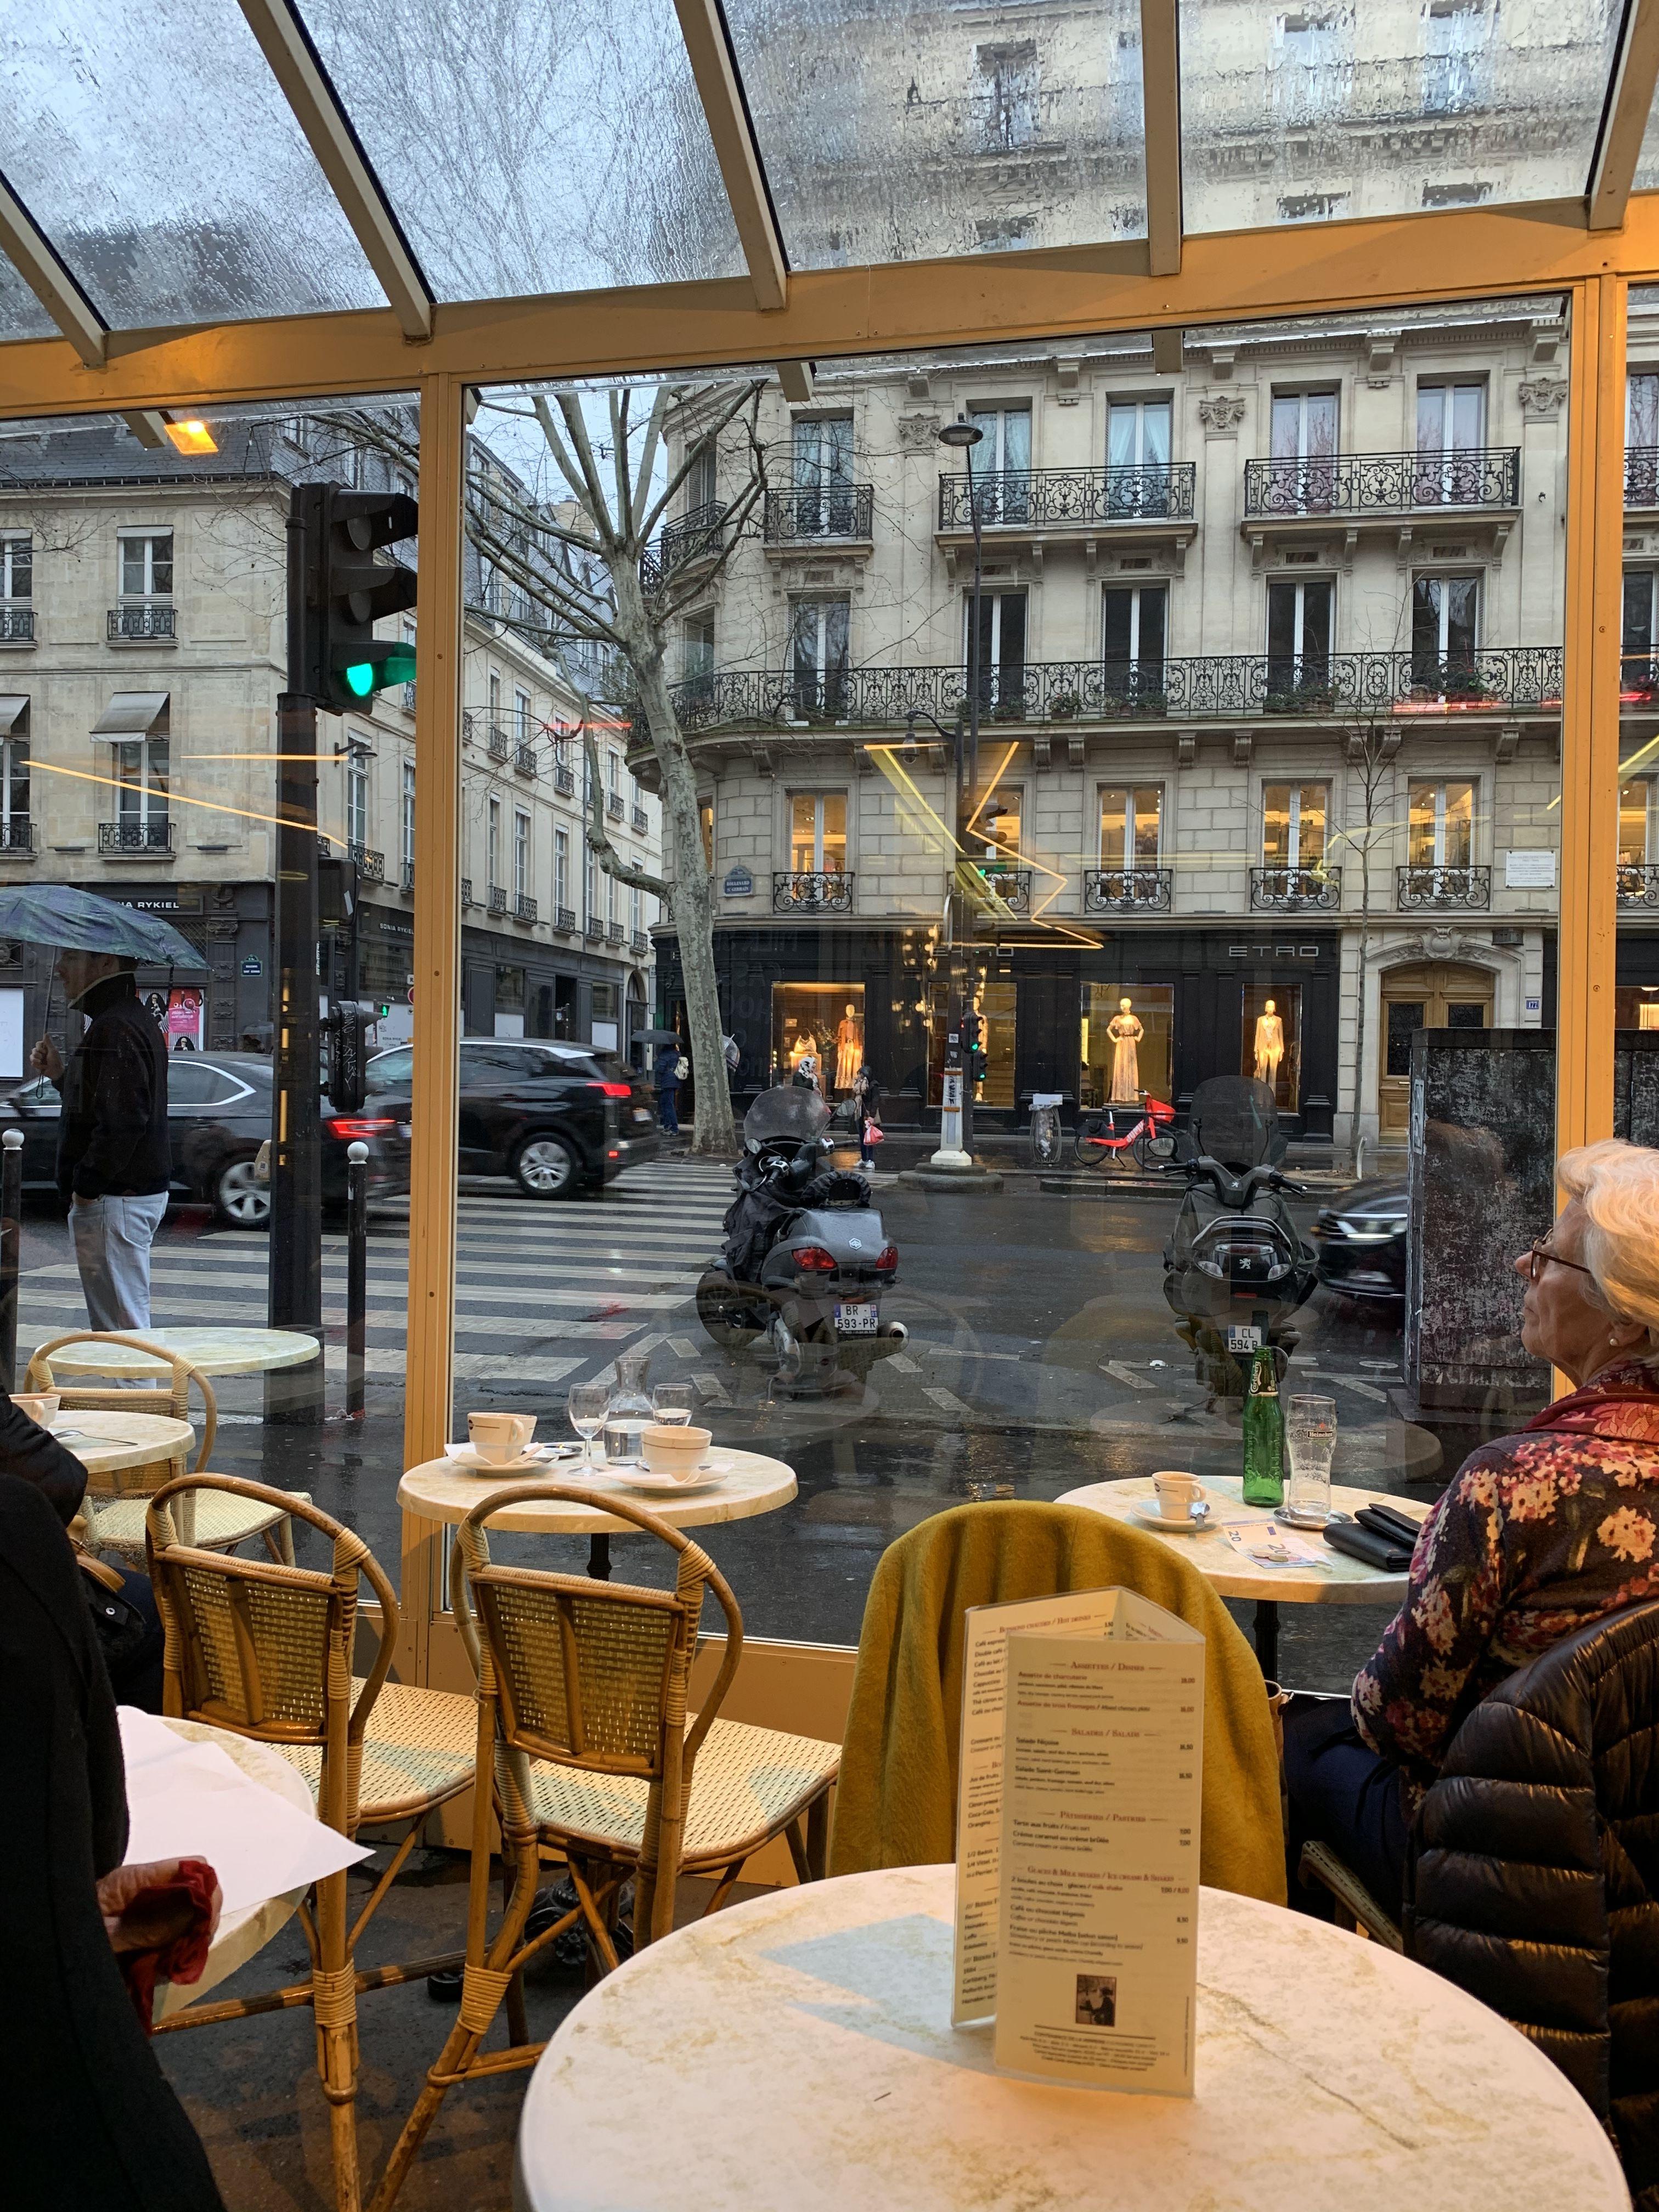 People watching in Paris